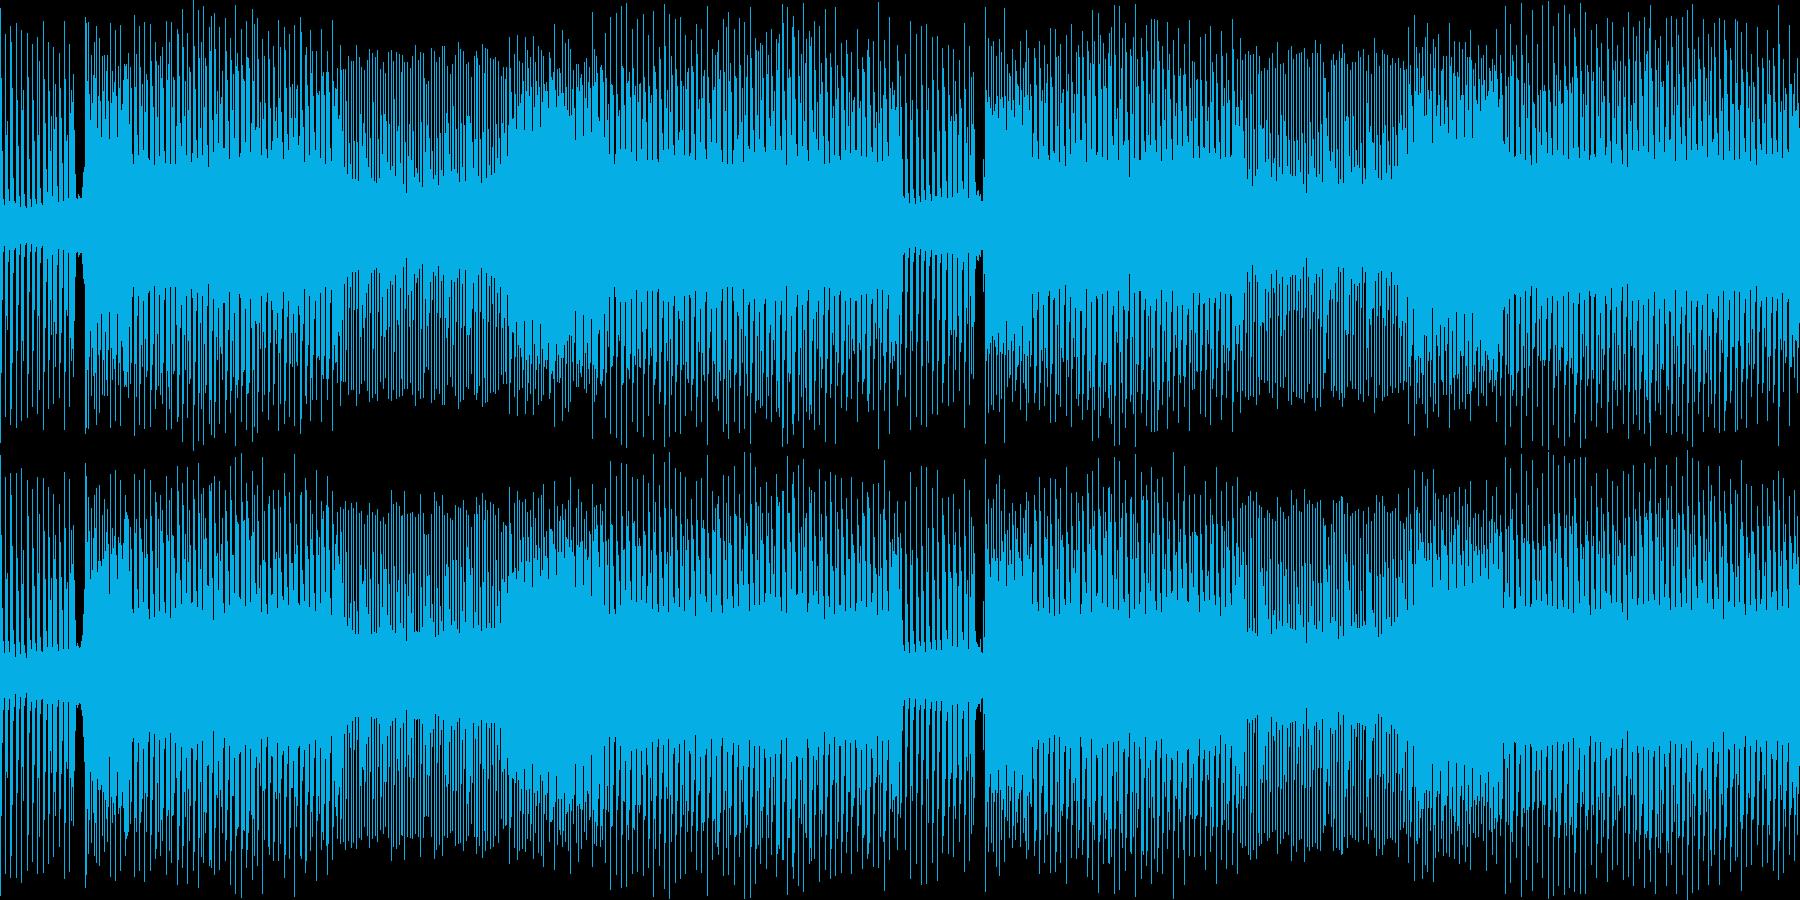 激しく忙しない雰囲気のメタルサウンドの再生済みの波形